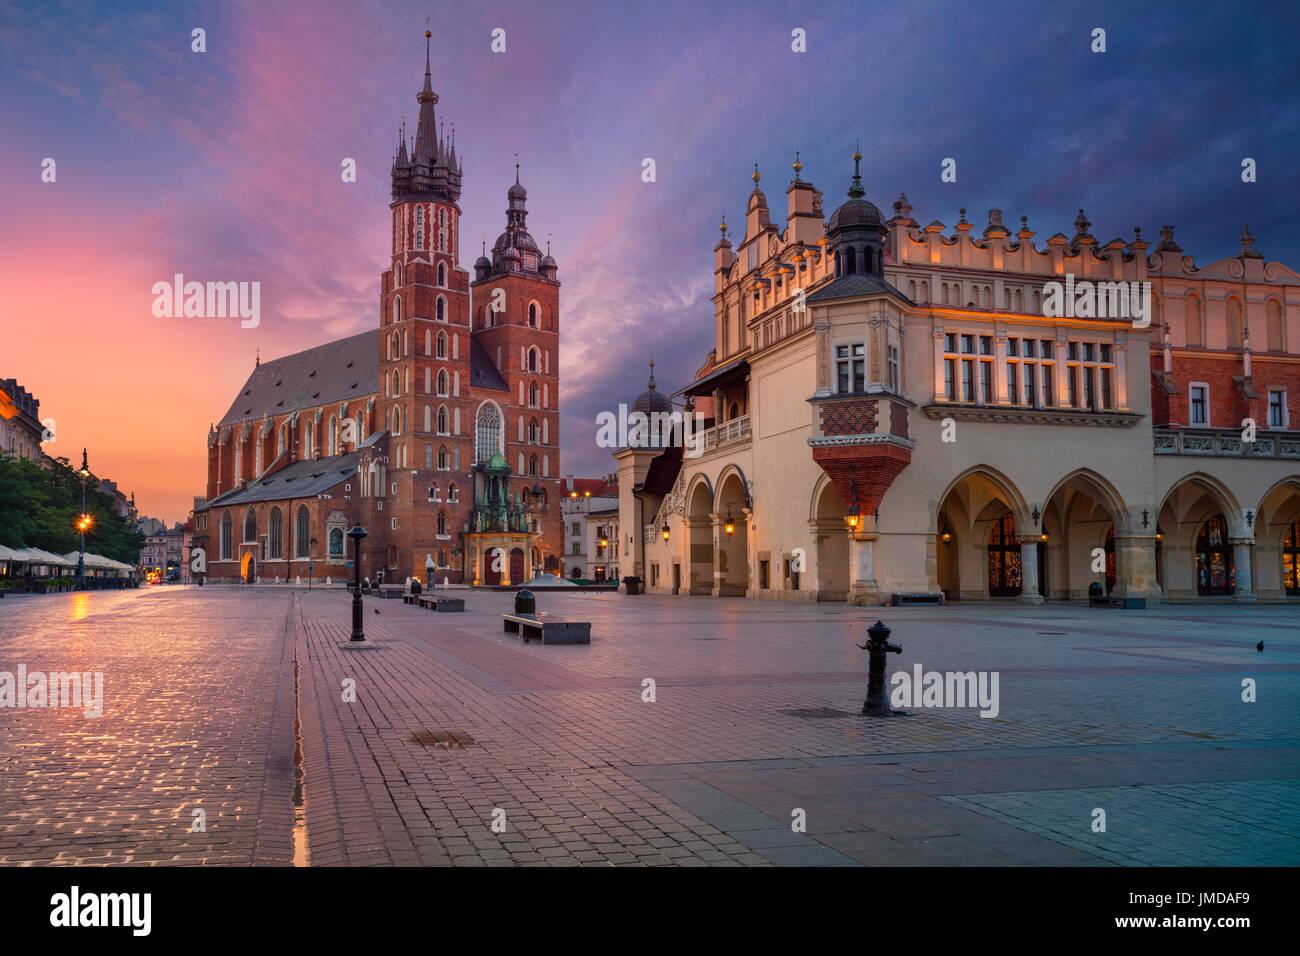 Cracovia. Immagine della città vecchia di Cracovia in Polonia durante il sunrise. Immagini Stock